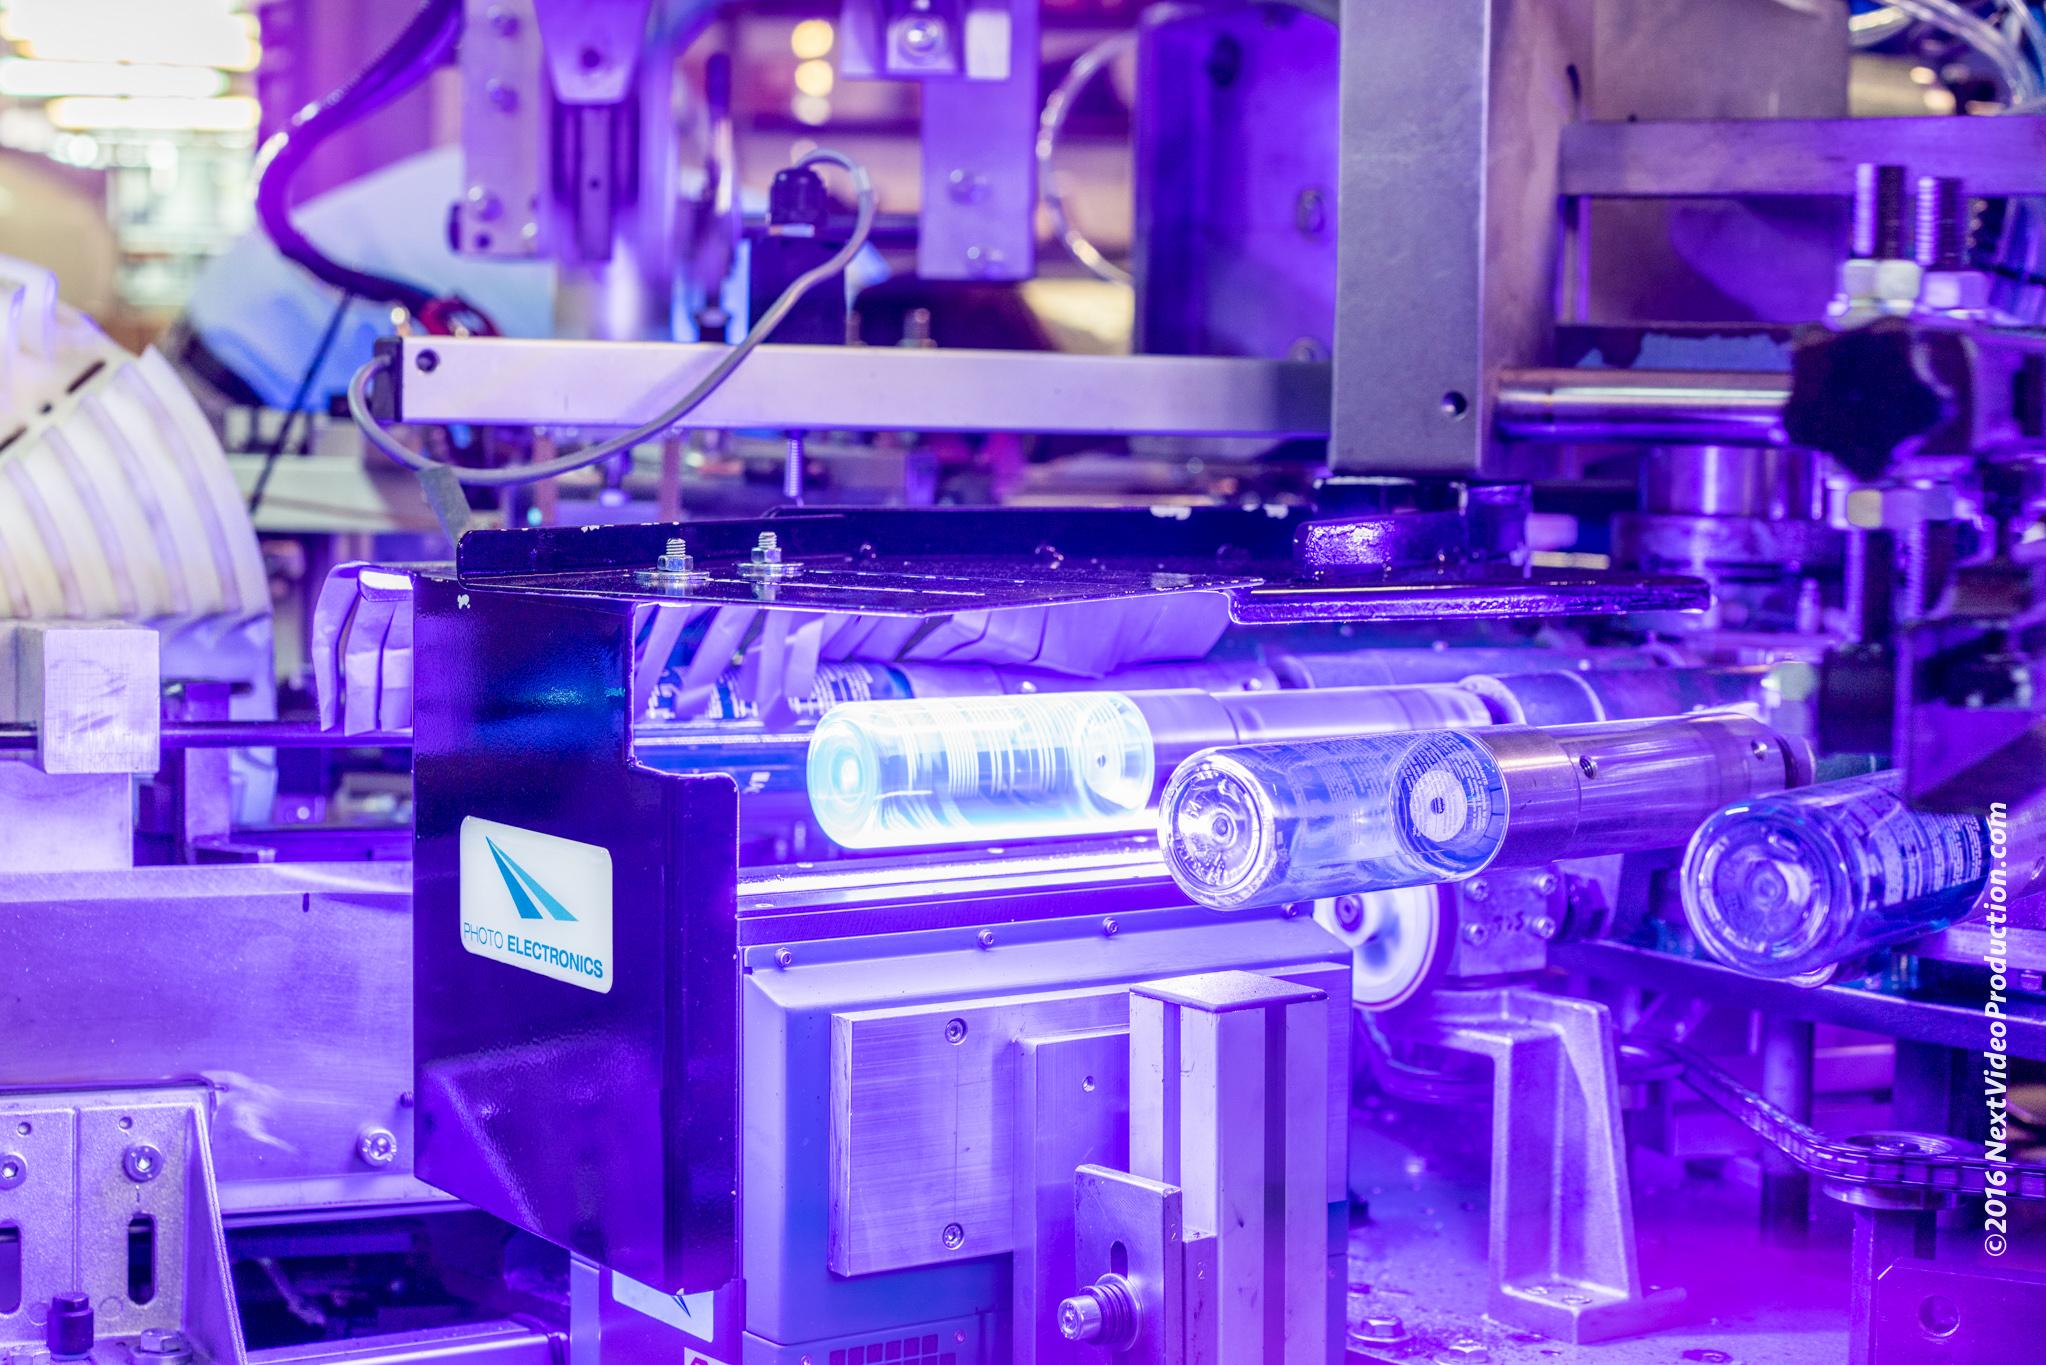 photo electronics fb nextvideo